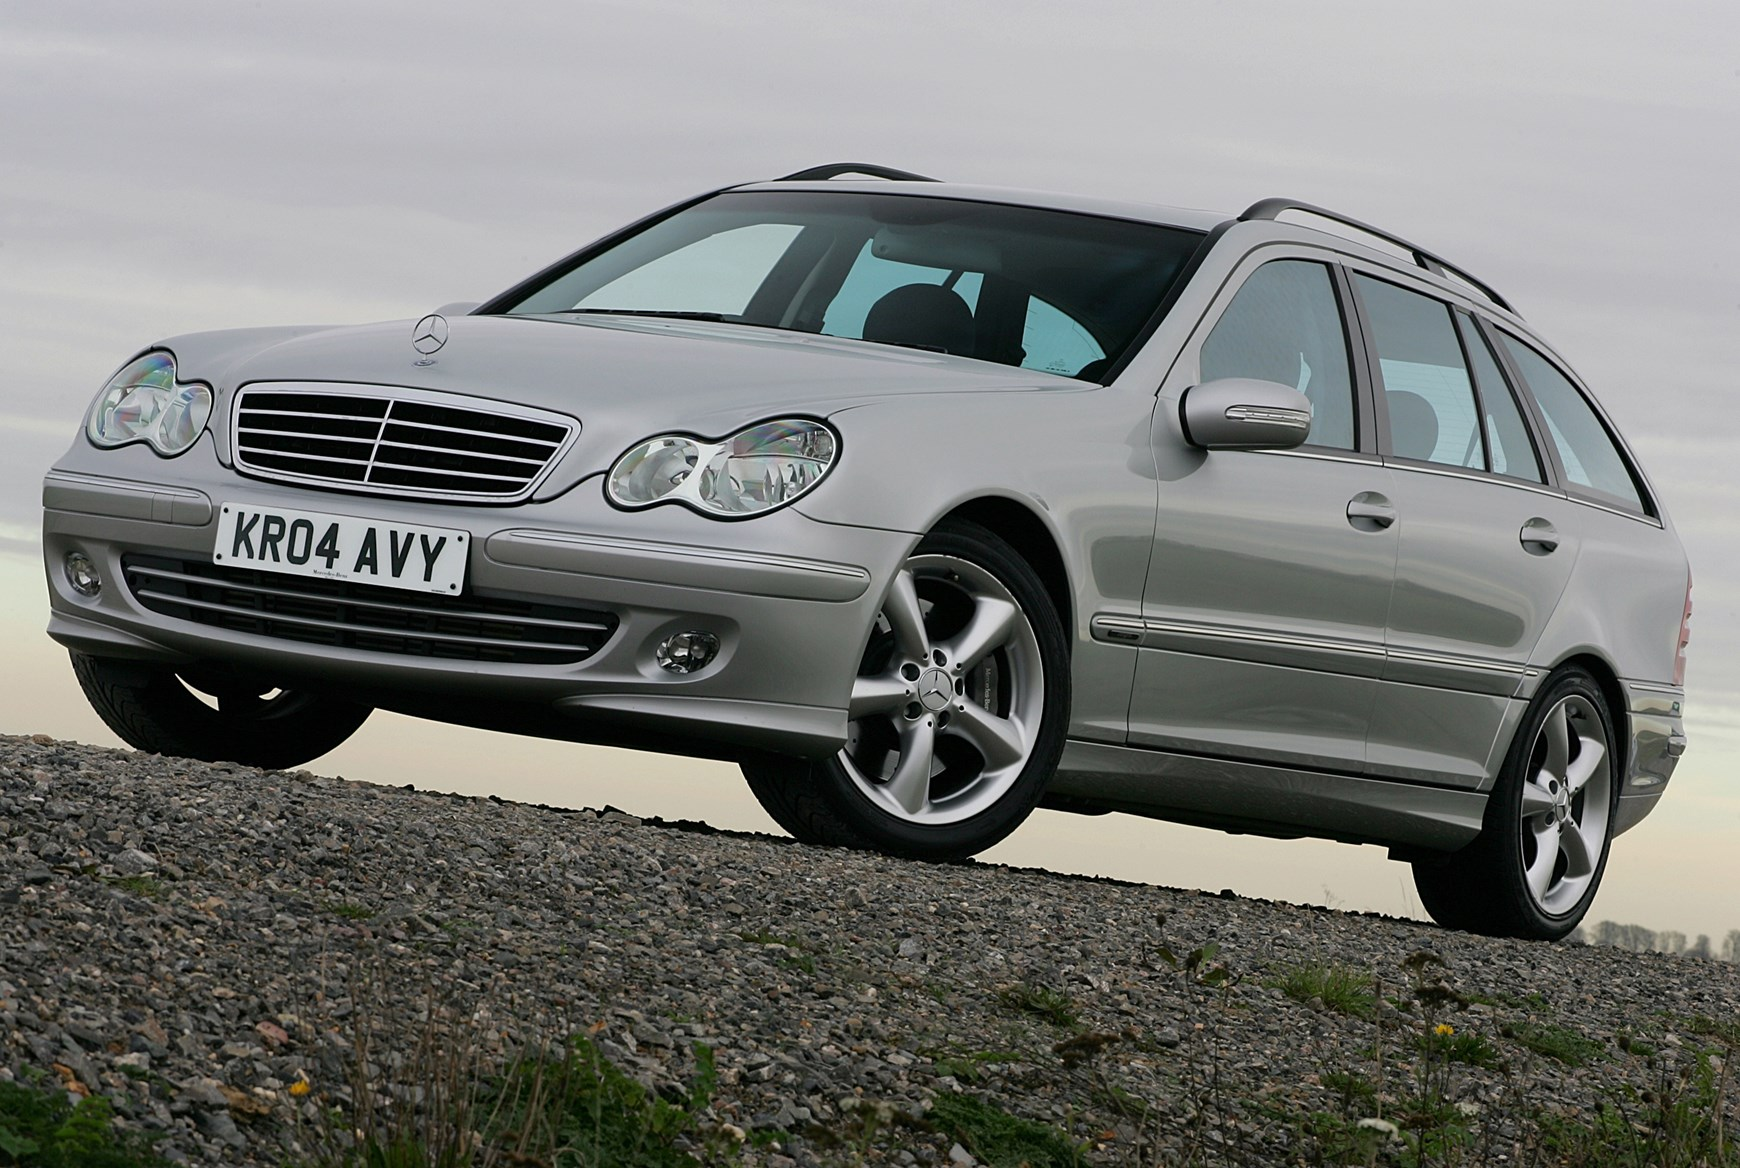 Mercedes-Benz C-klasse AMG II (W203) 2001 - 2004 Station wagon 5 door #5